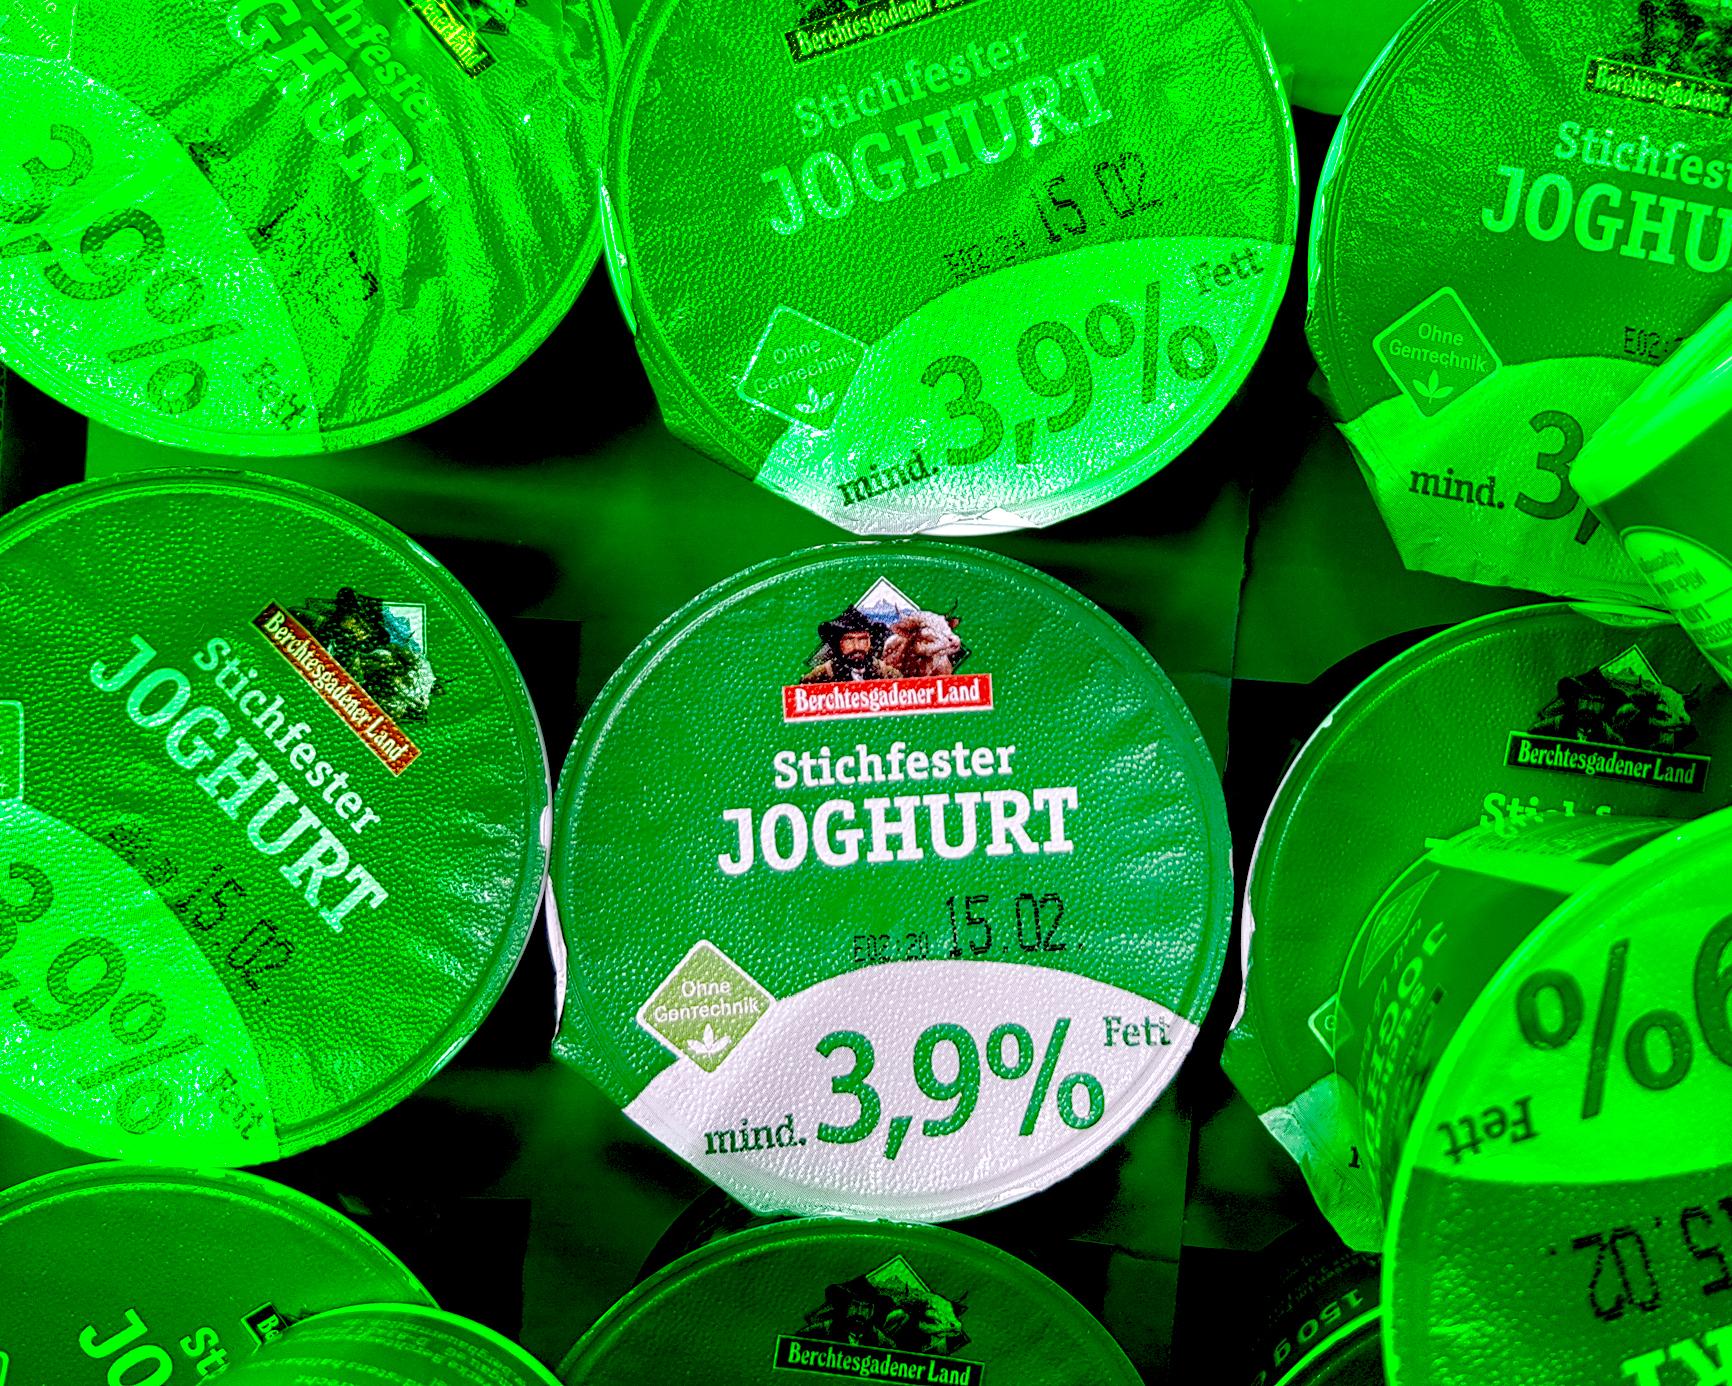 Stichfester Joghurt 3,9% vom Berchtesgadener Land? Braucht man nicht unbedingt